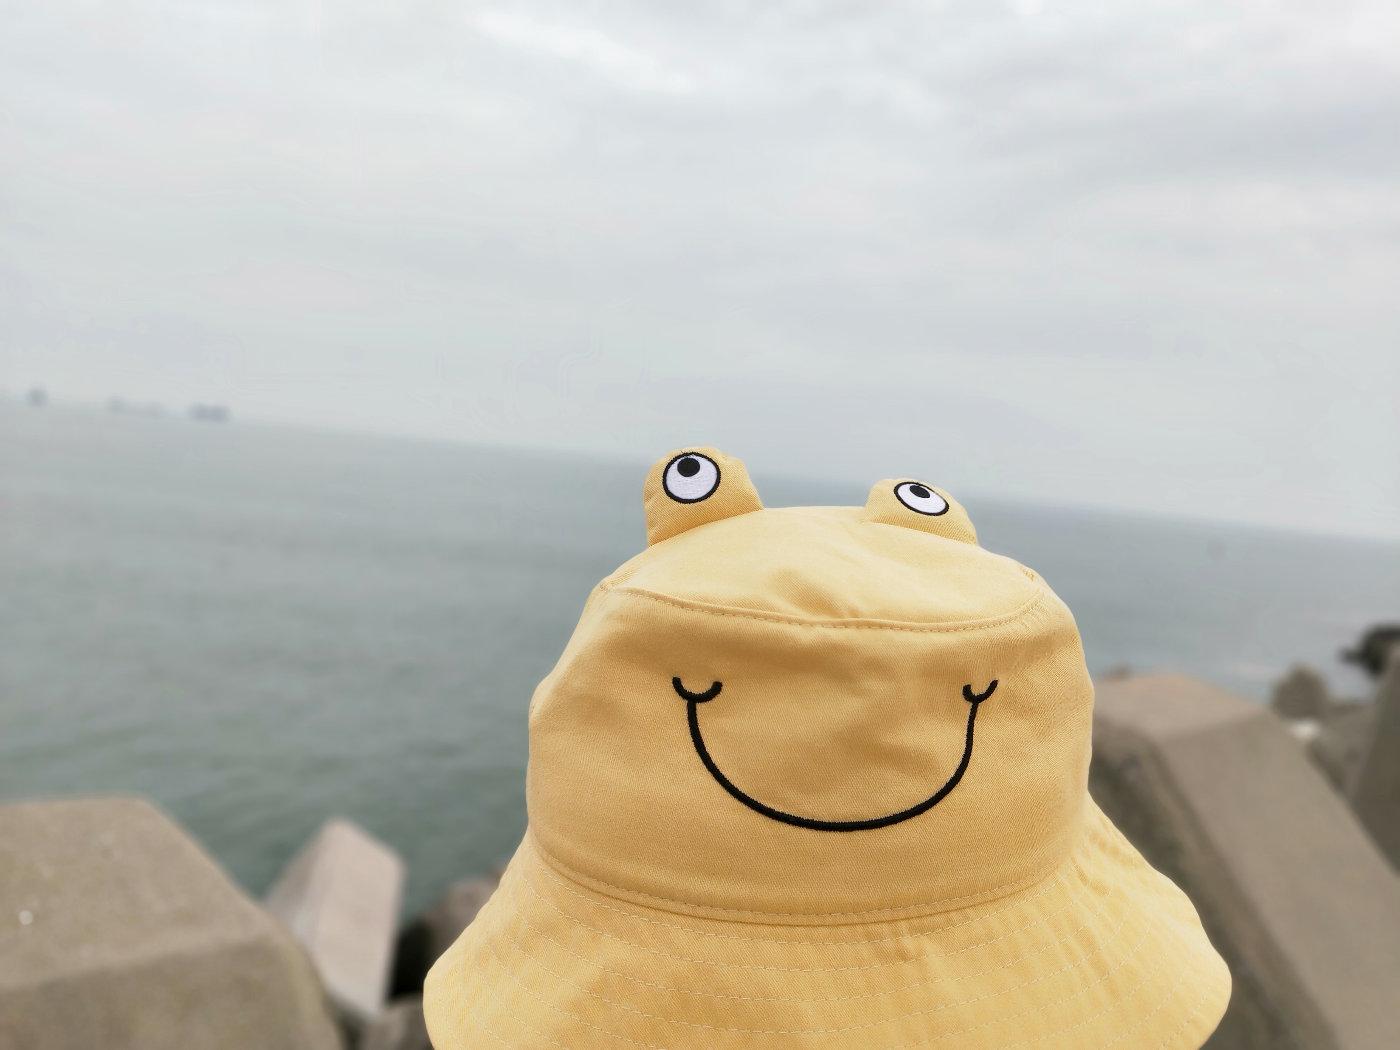 我误会她是只青蛙很久了,看了吊牌才知道是只螃蟹!